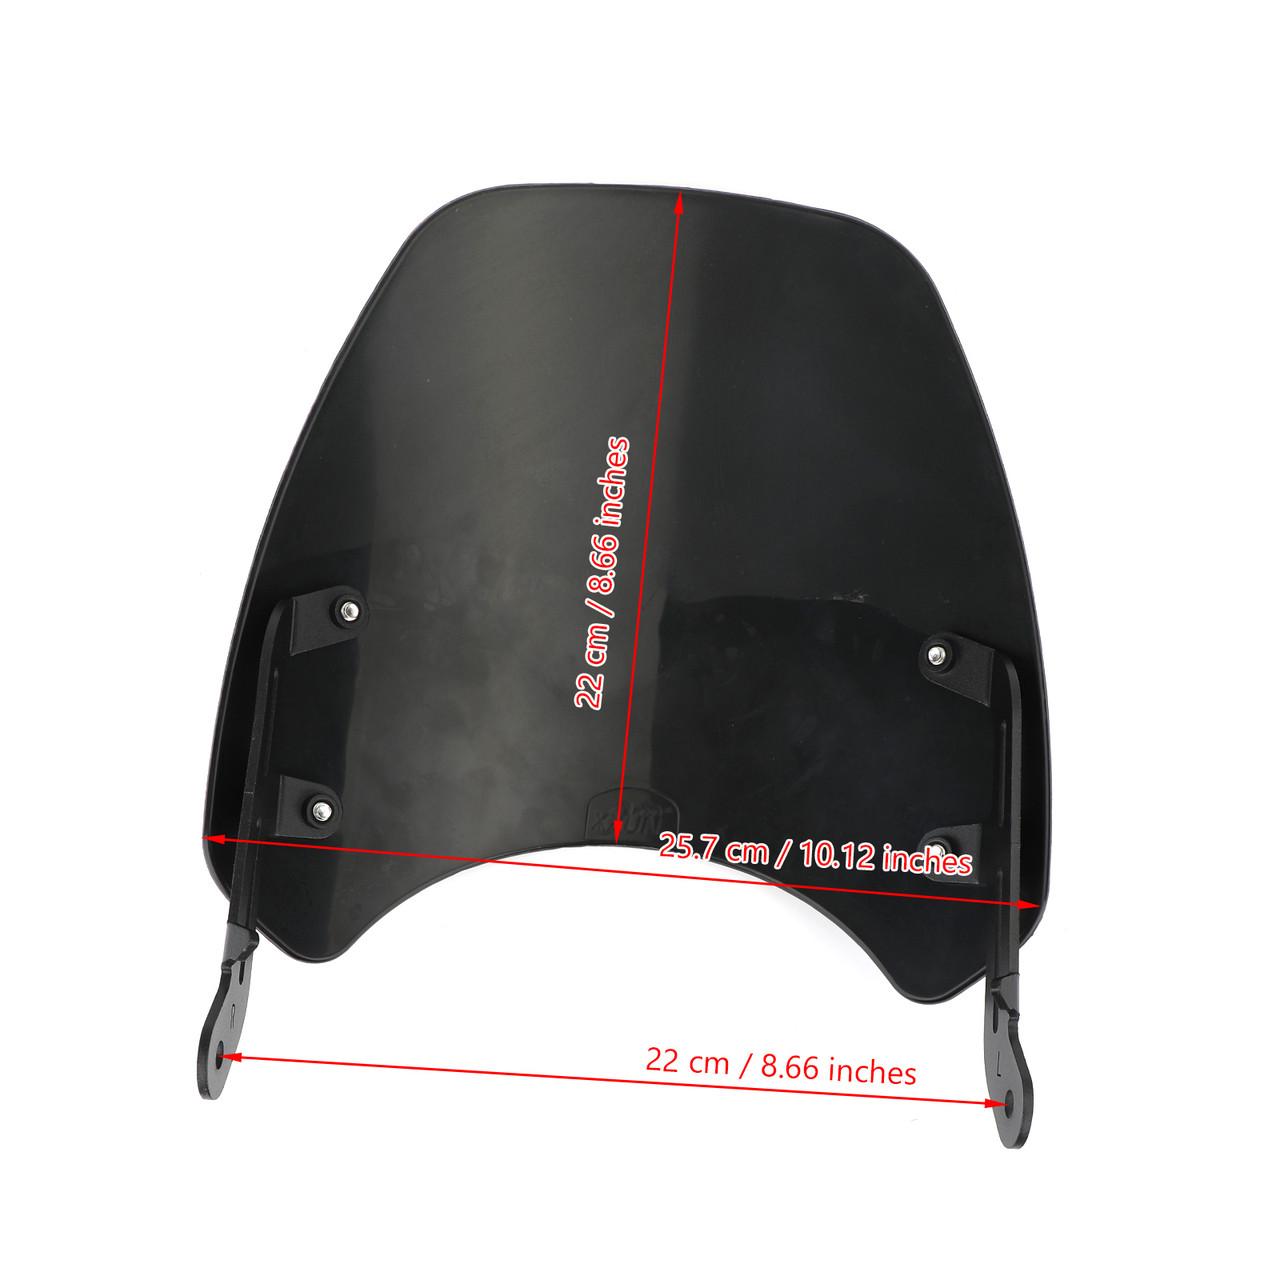 Windshield Fit for Triumph Bonneville 01-17 T100 03-17 Carbon